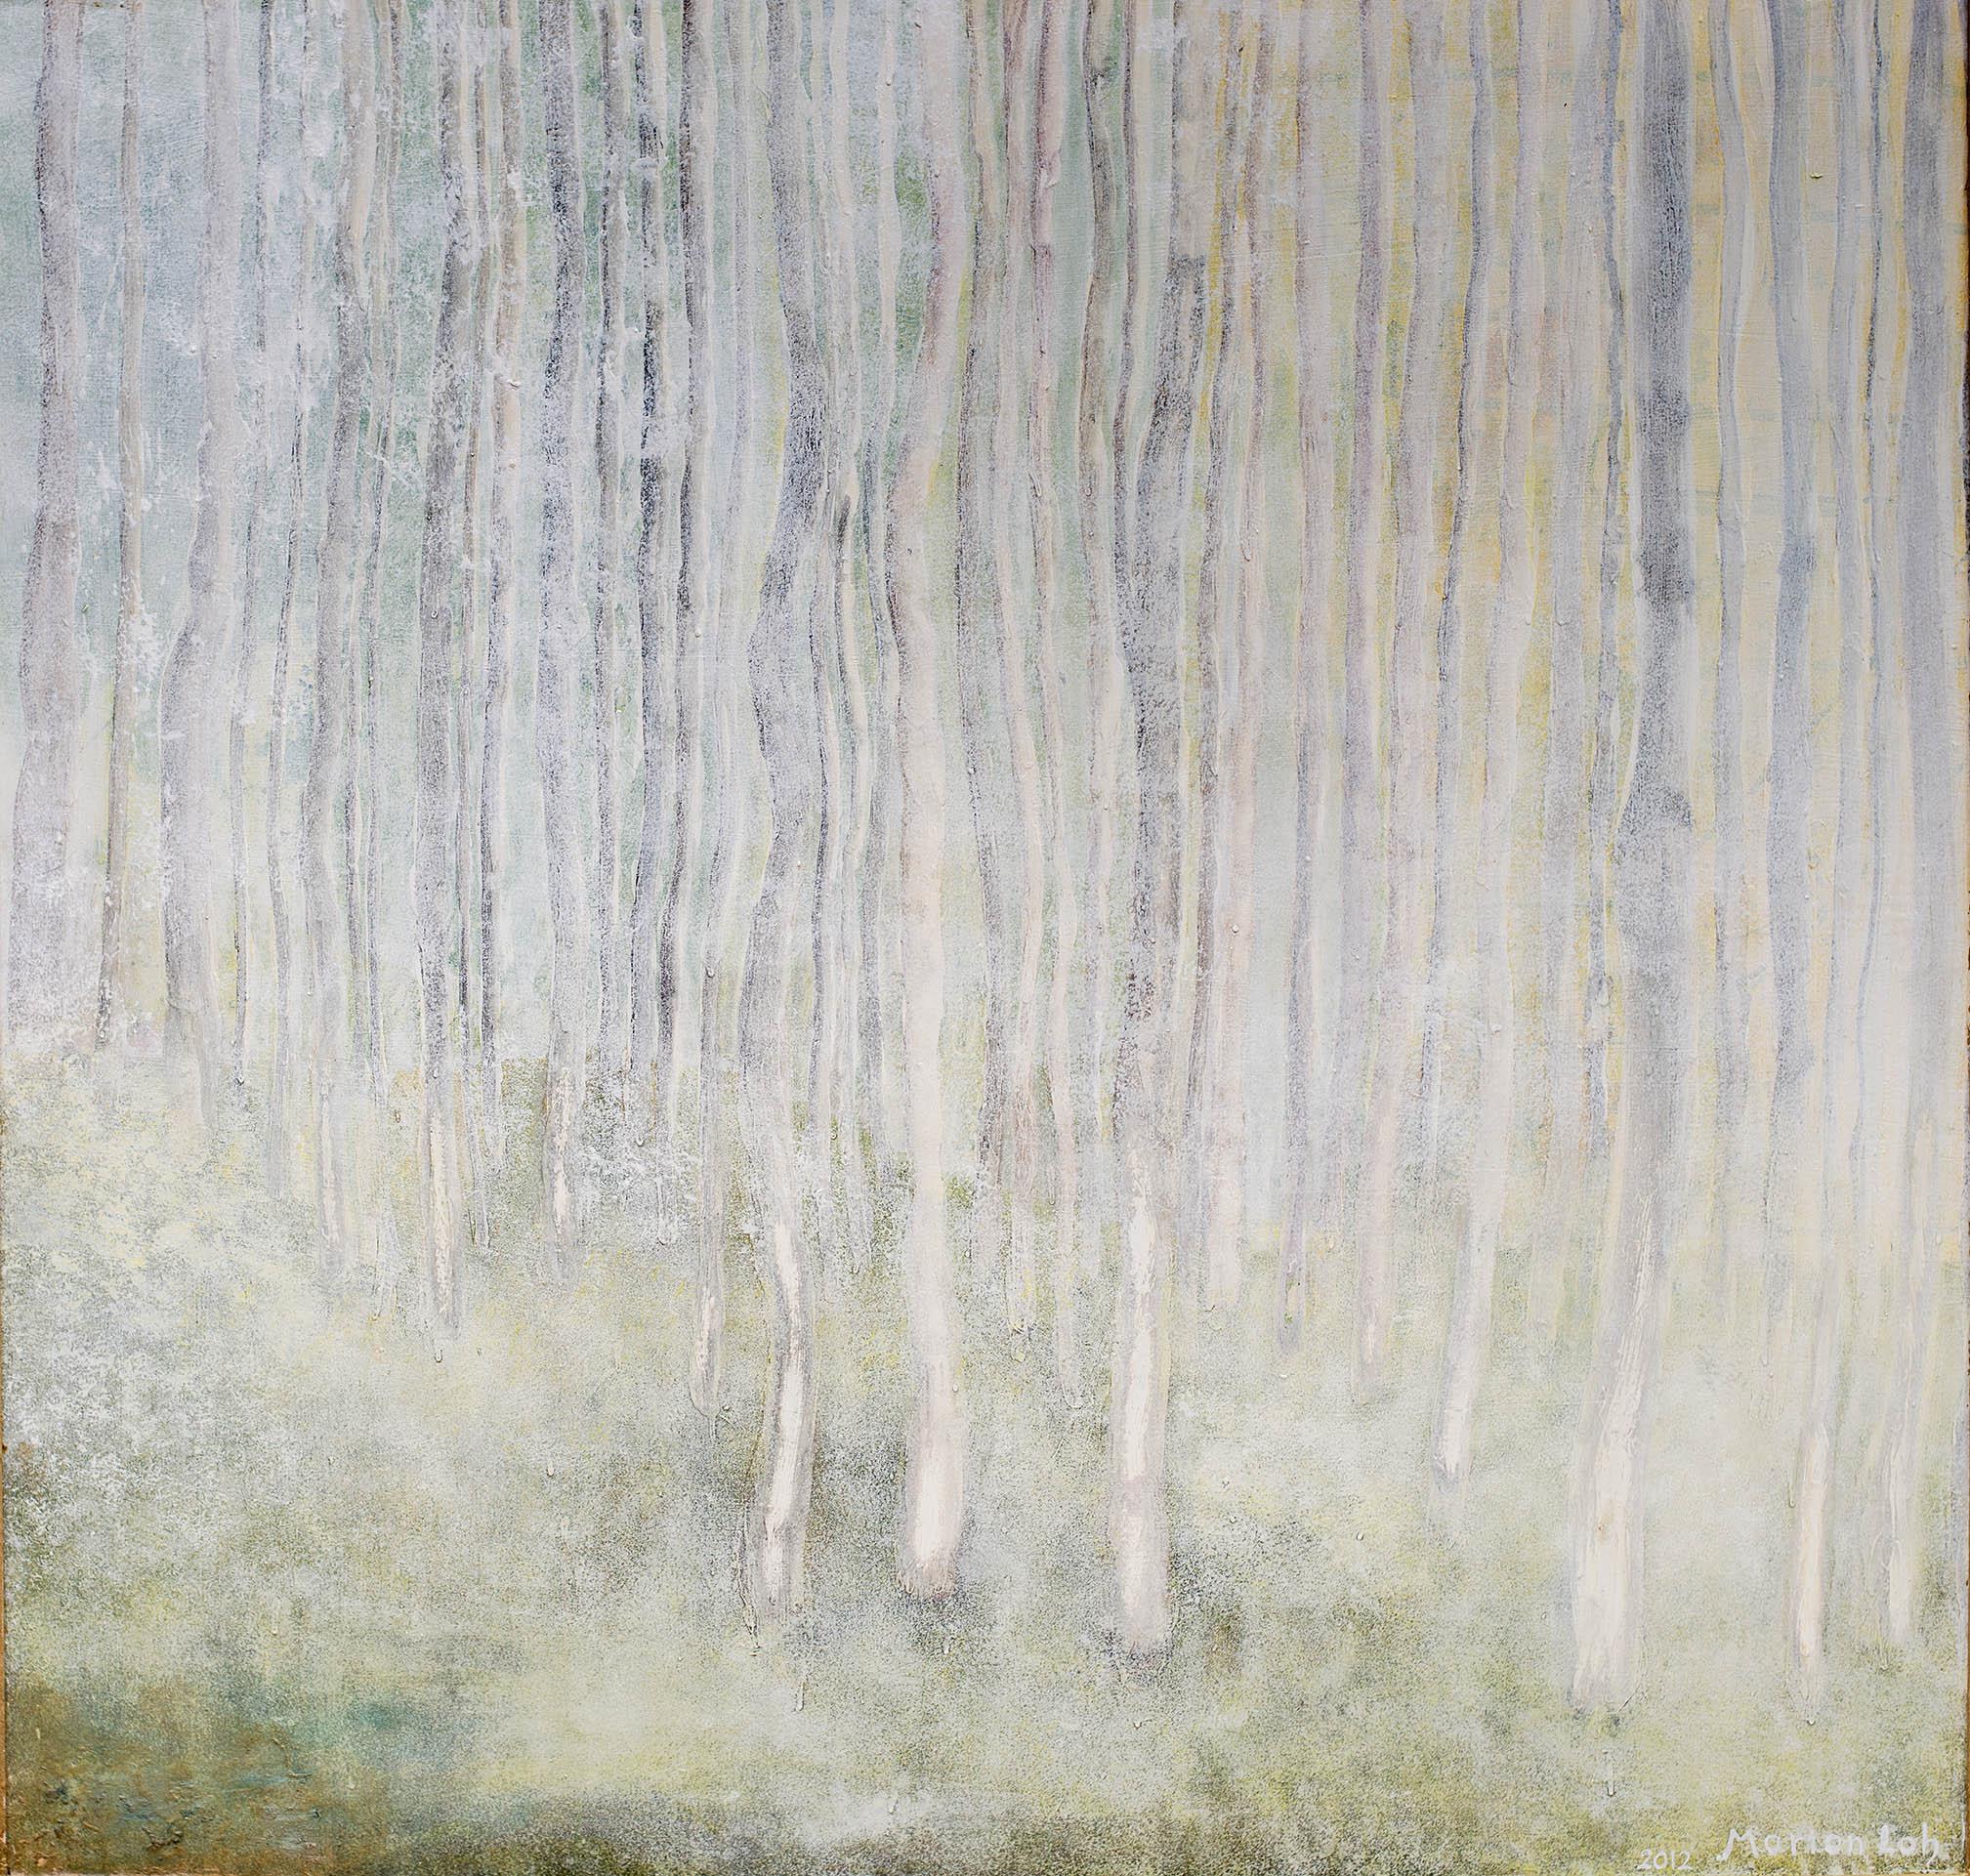 Birkenwald 2012, 120x120 Acryl auf Holzplatte